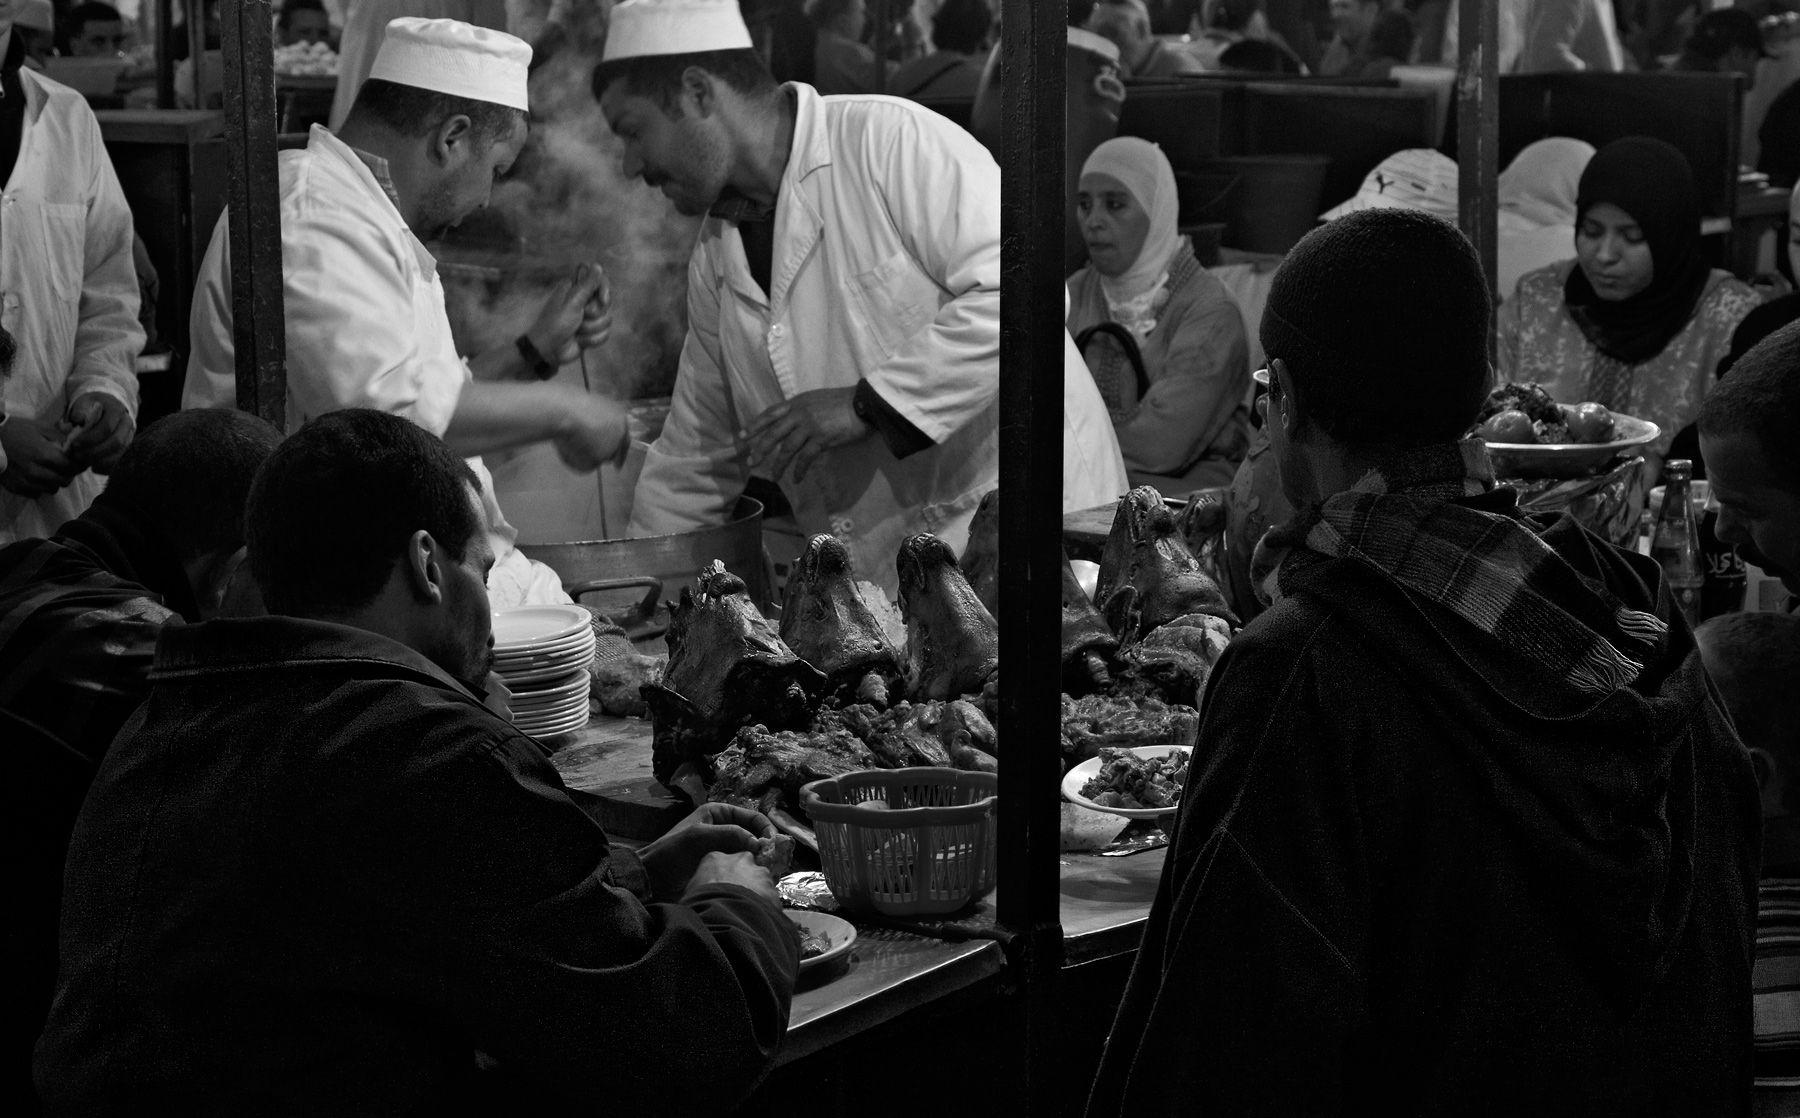 Marrakech Food Stall